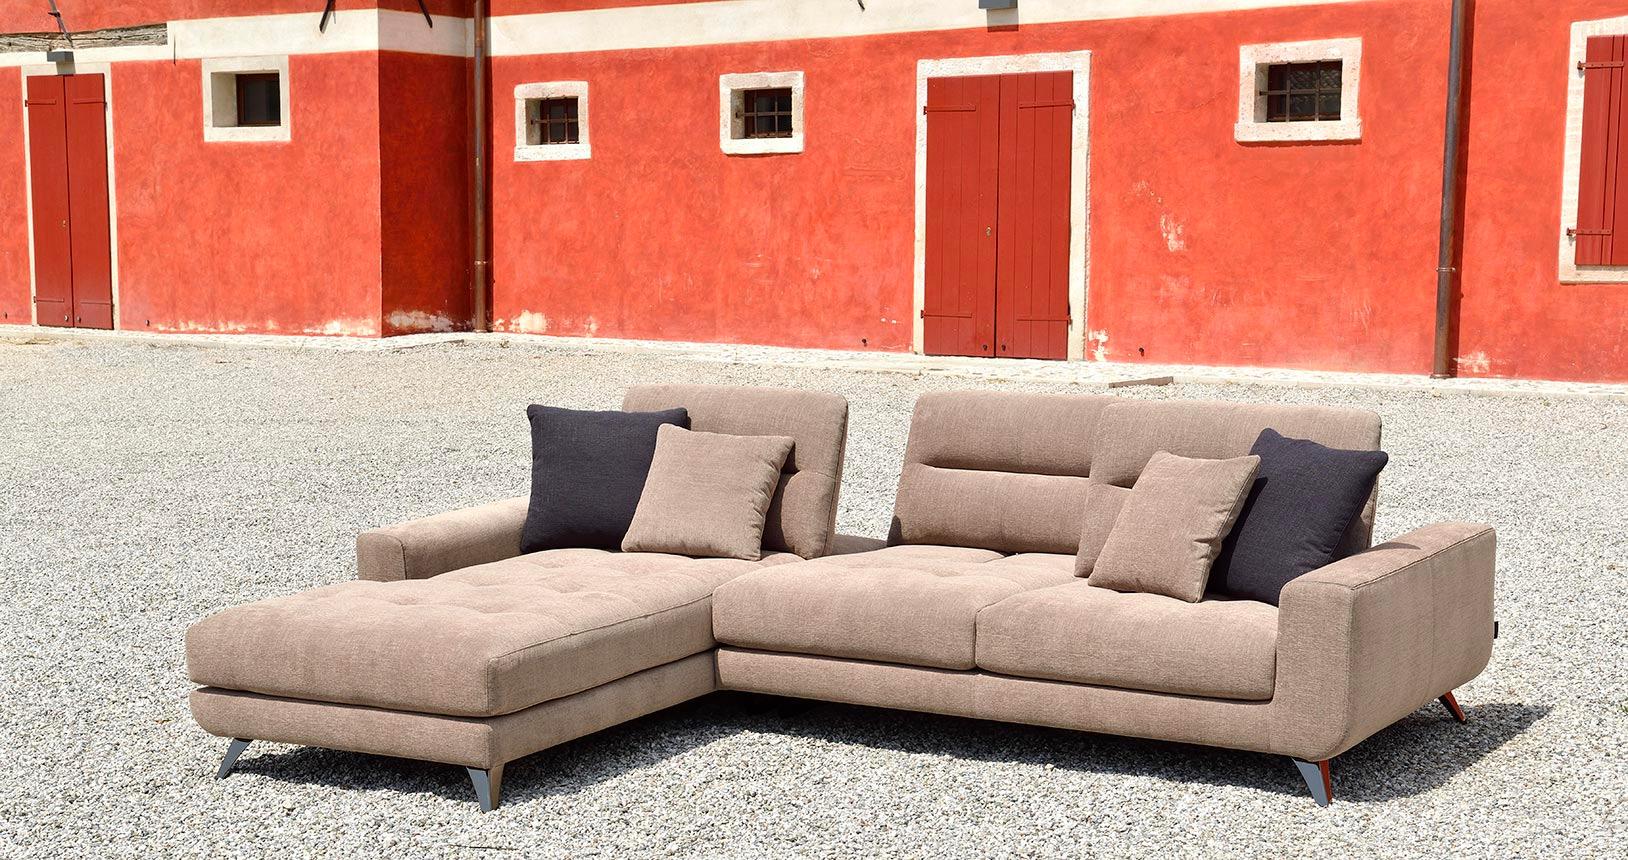 isabella-divano-retro-arancio